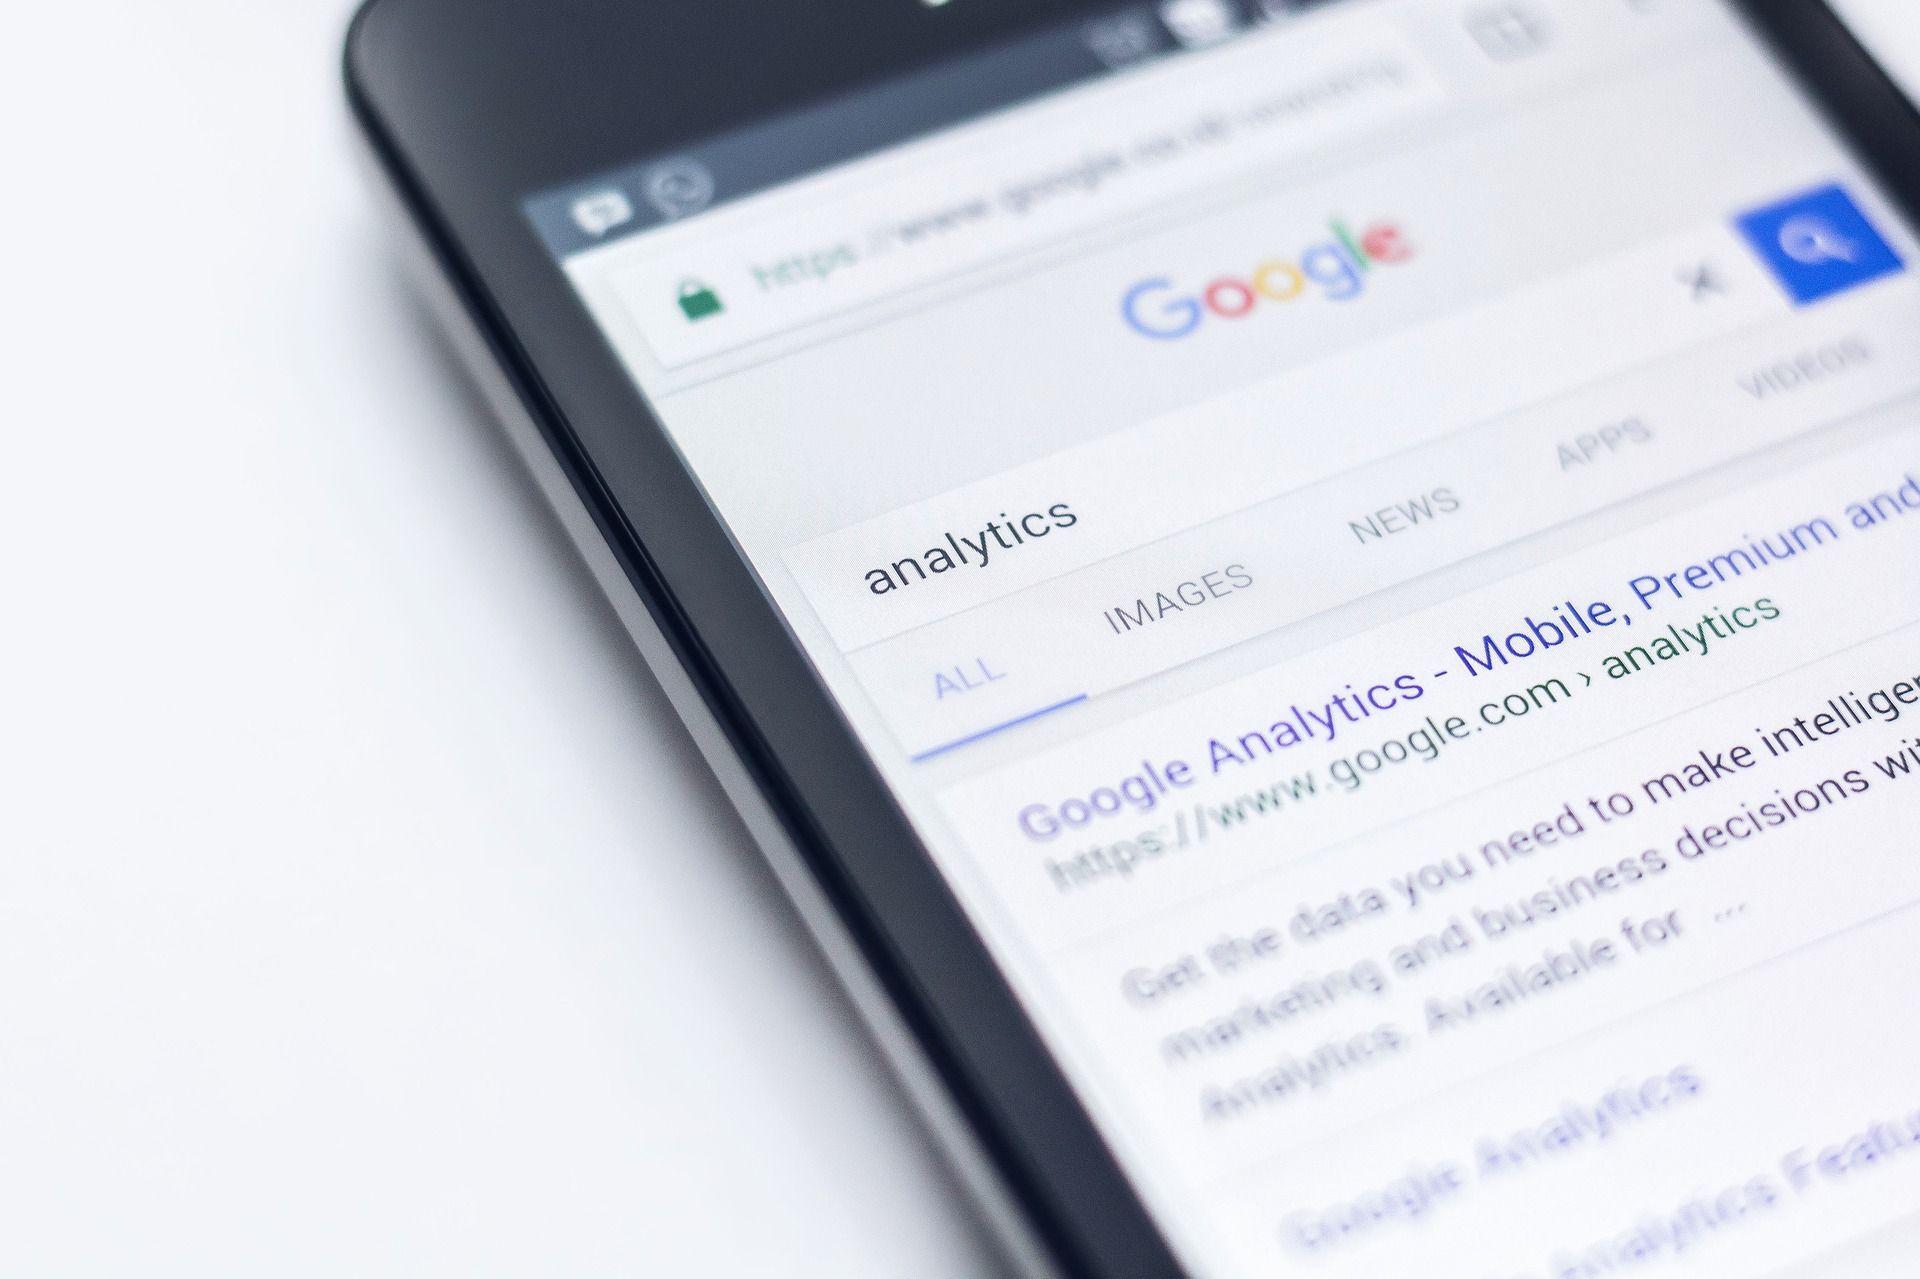 Попытка блокировки <i>Google </i>принесла неожиданные последствия